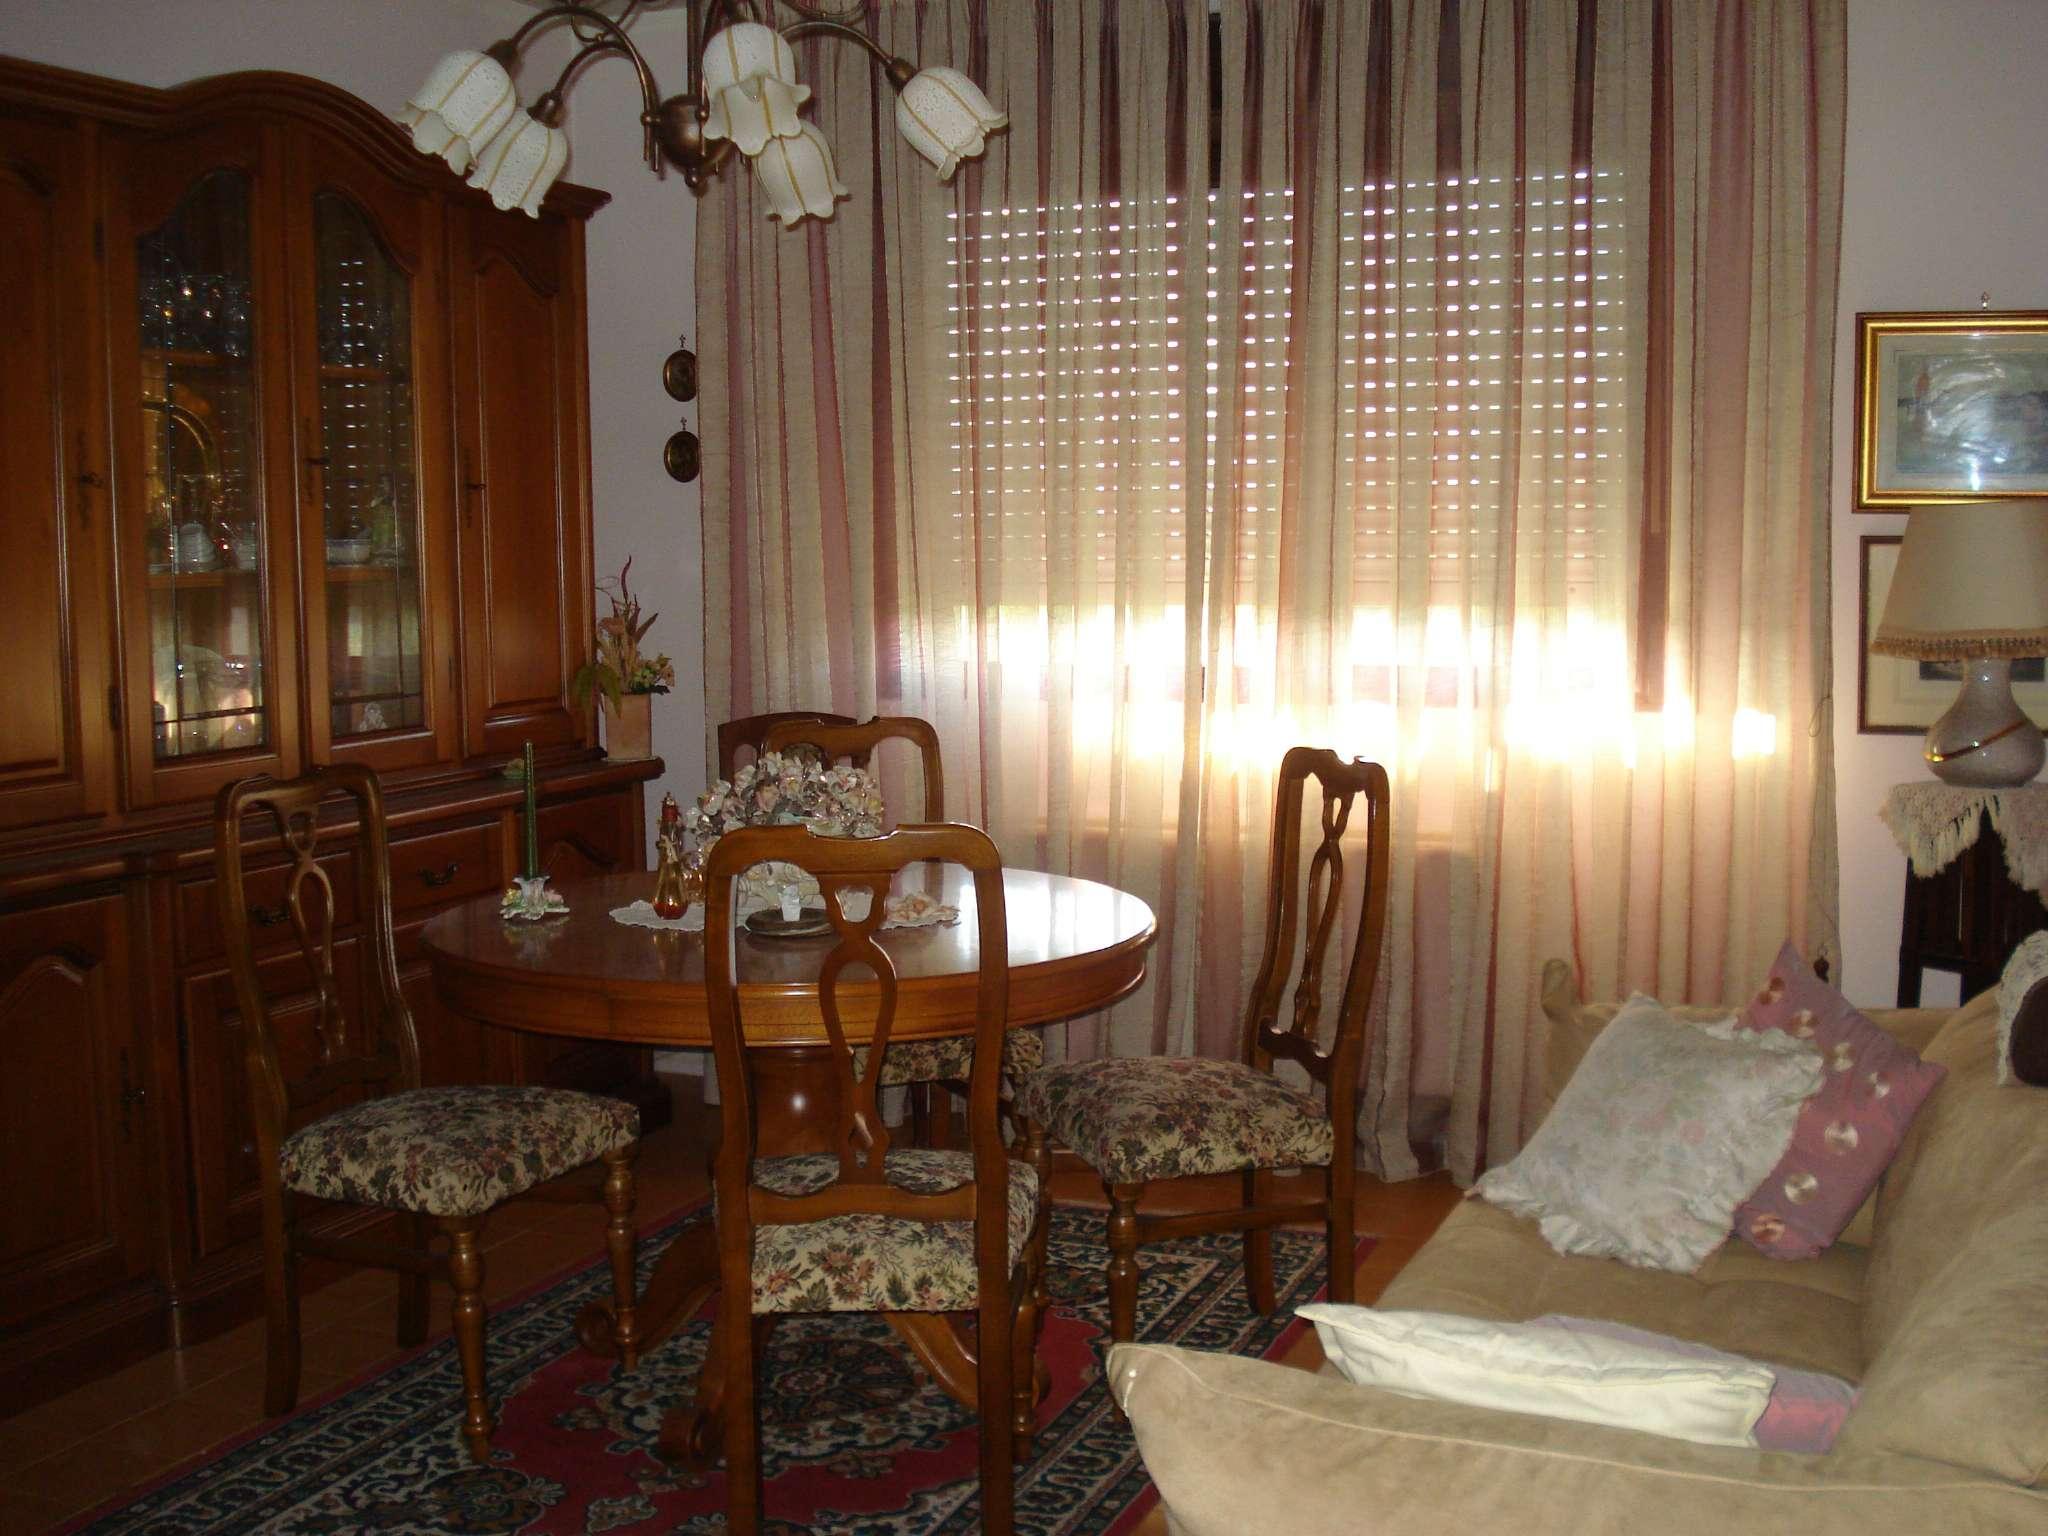 Appartamento in vendita a Beinasco, 3 locali, prezzo € 88.000 | CambioCasa.it